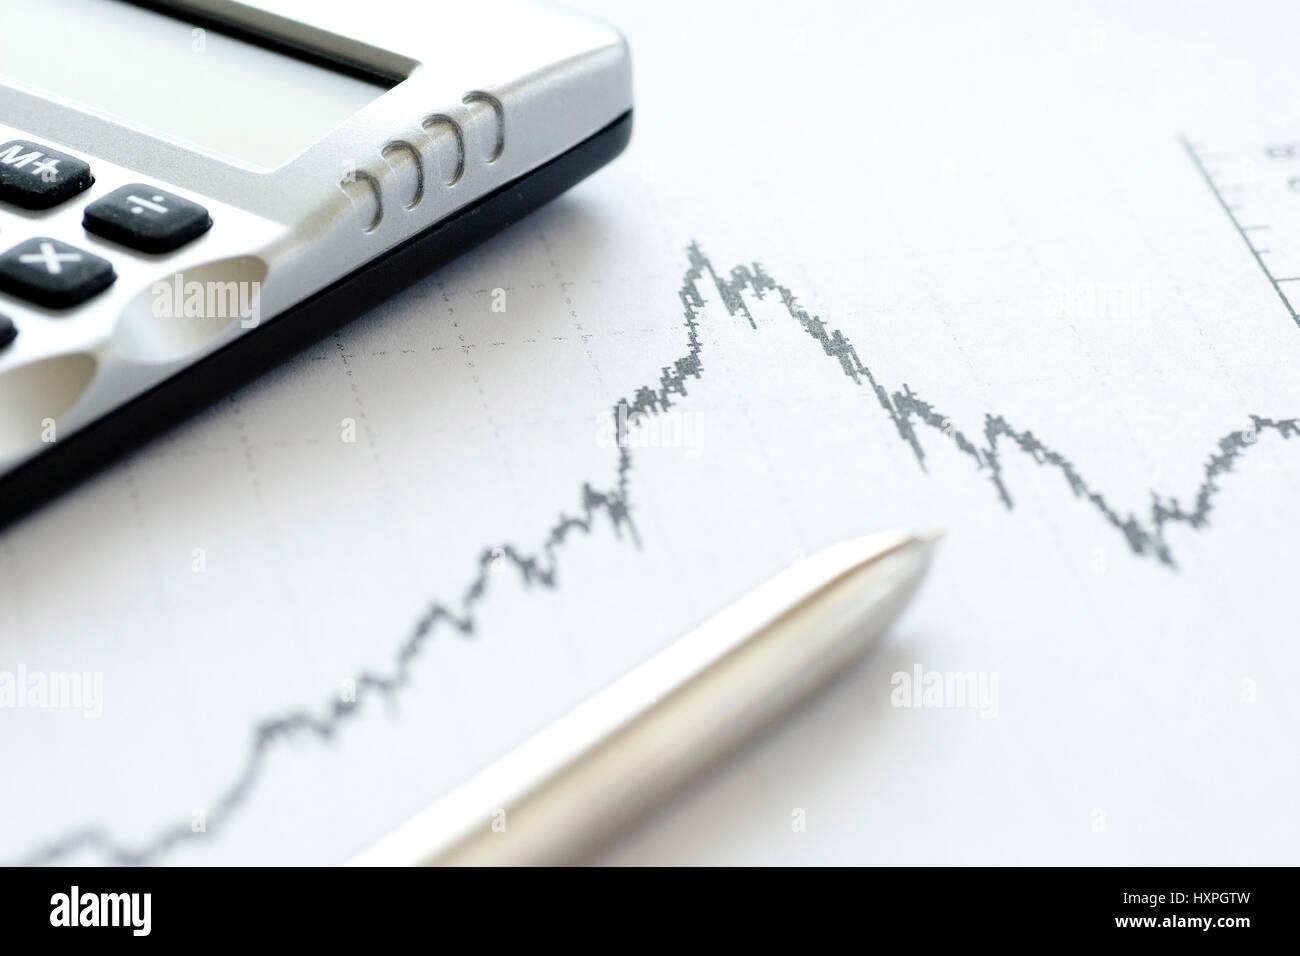 Wertpapierchart with ballpoint pen and pocket calculator, Wertpapierchart mit Kugelschreiber und Taschenrechner - Stock Image